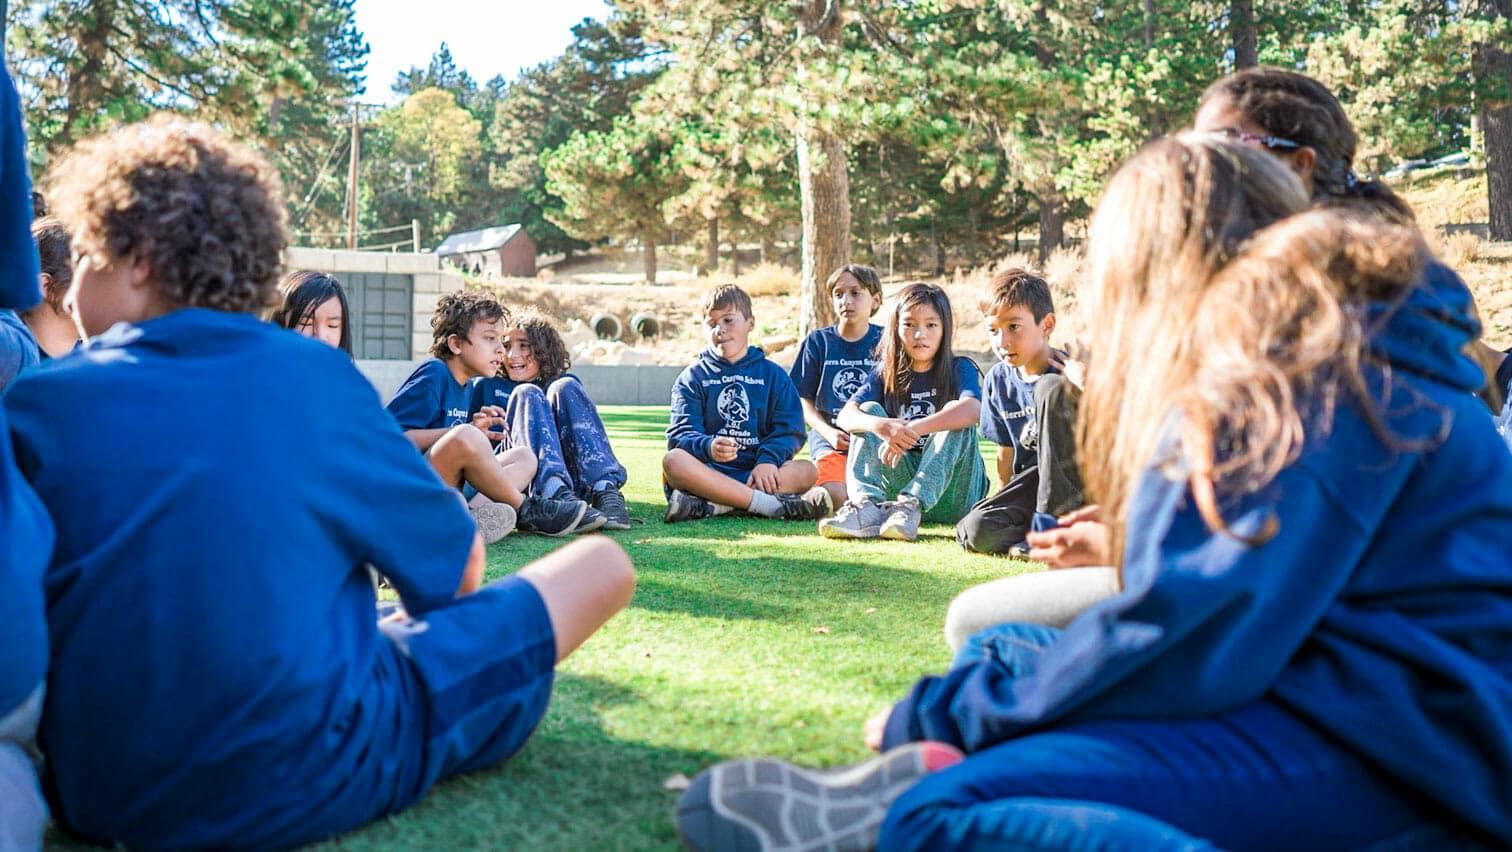 Pali students wearing blue shirts sit on grass outside